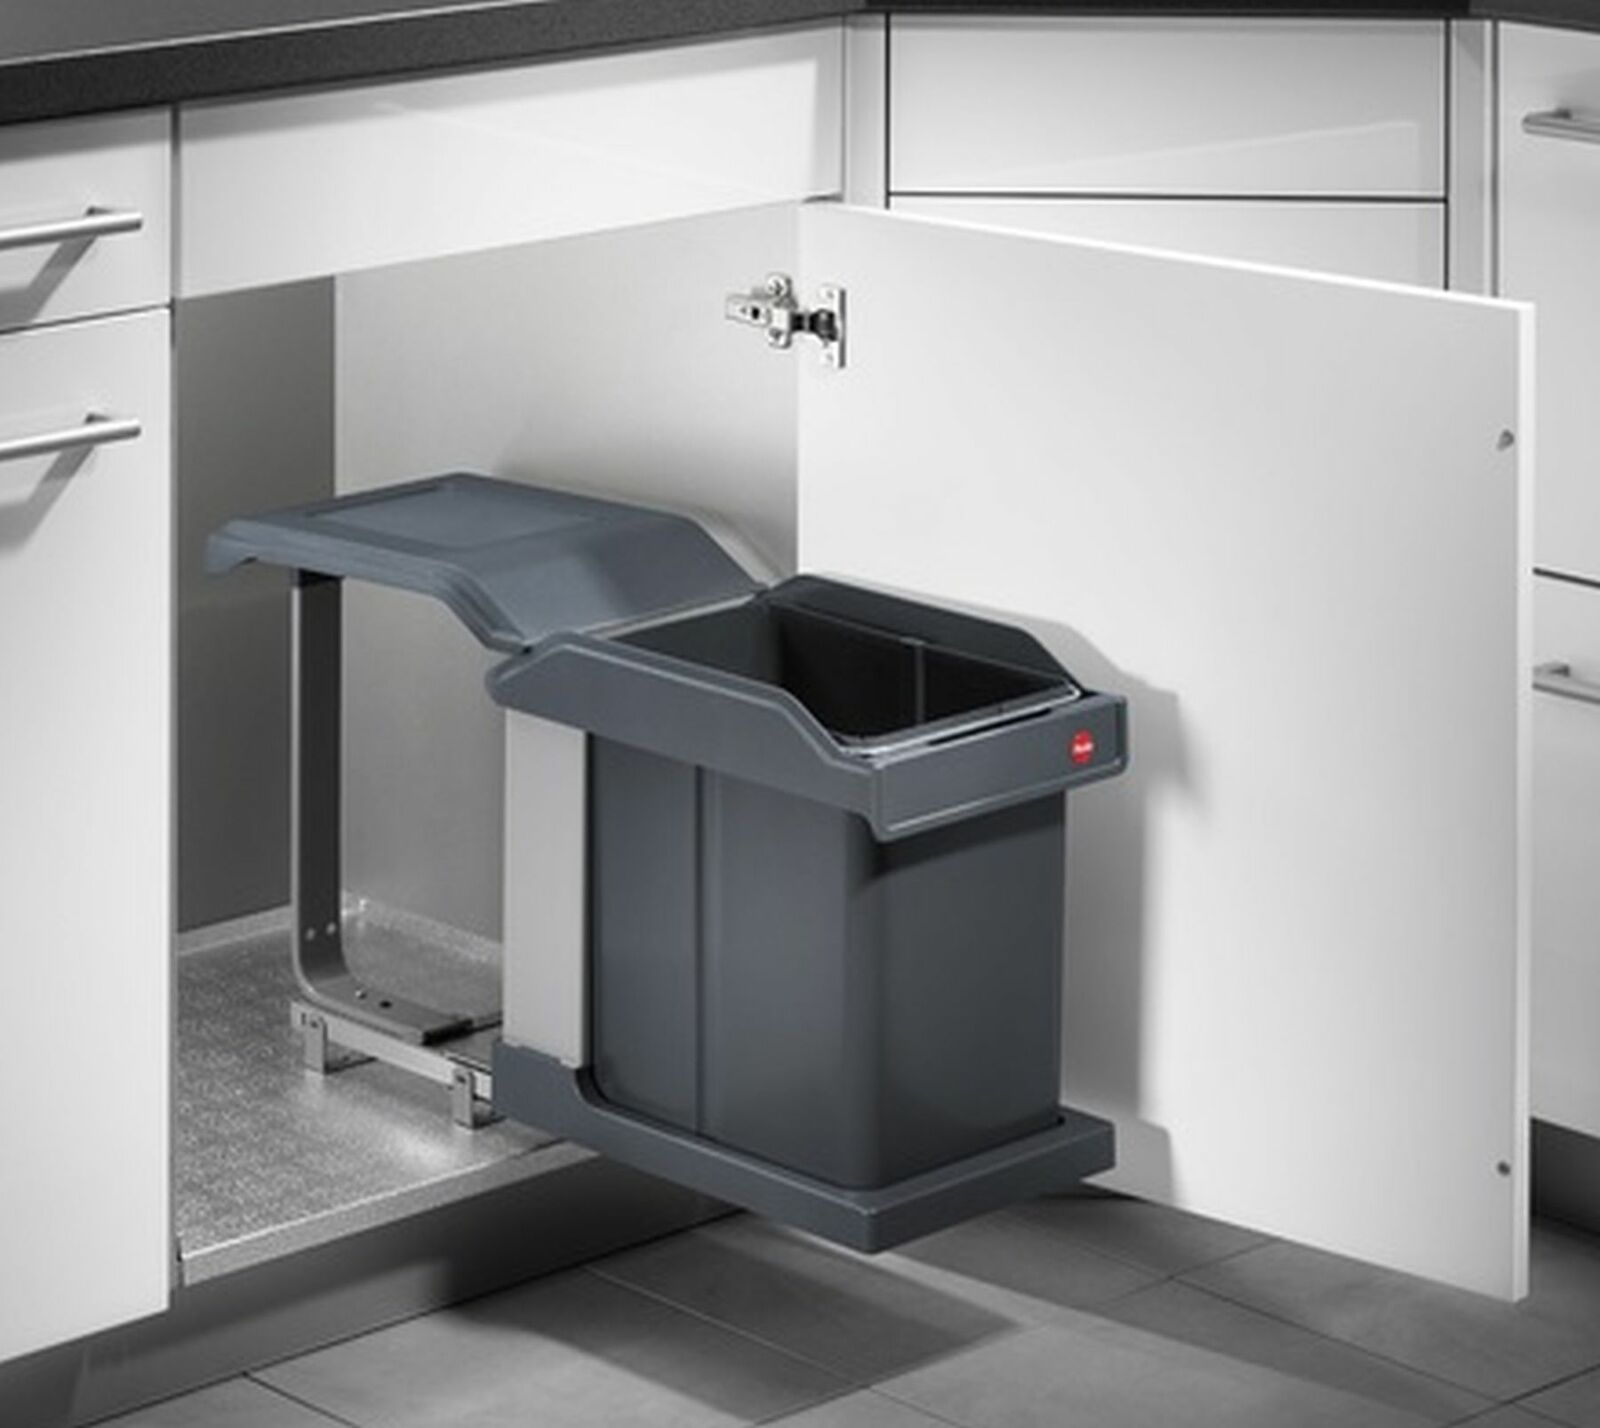 Mülleimer Küche Ausfahrautomatik Einbau ab 40 cm Hailo Solo 1x20 Liter  *43516